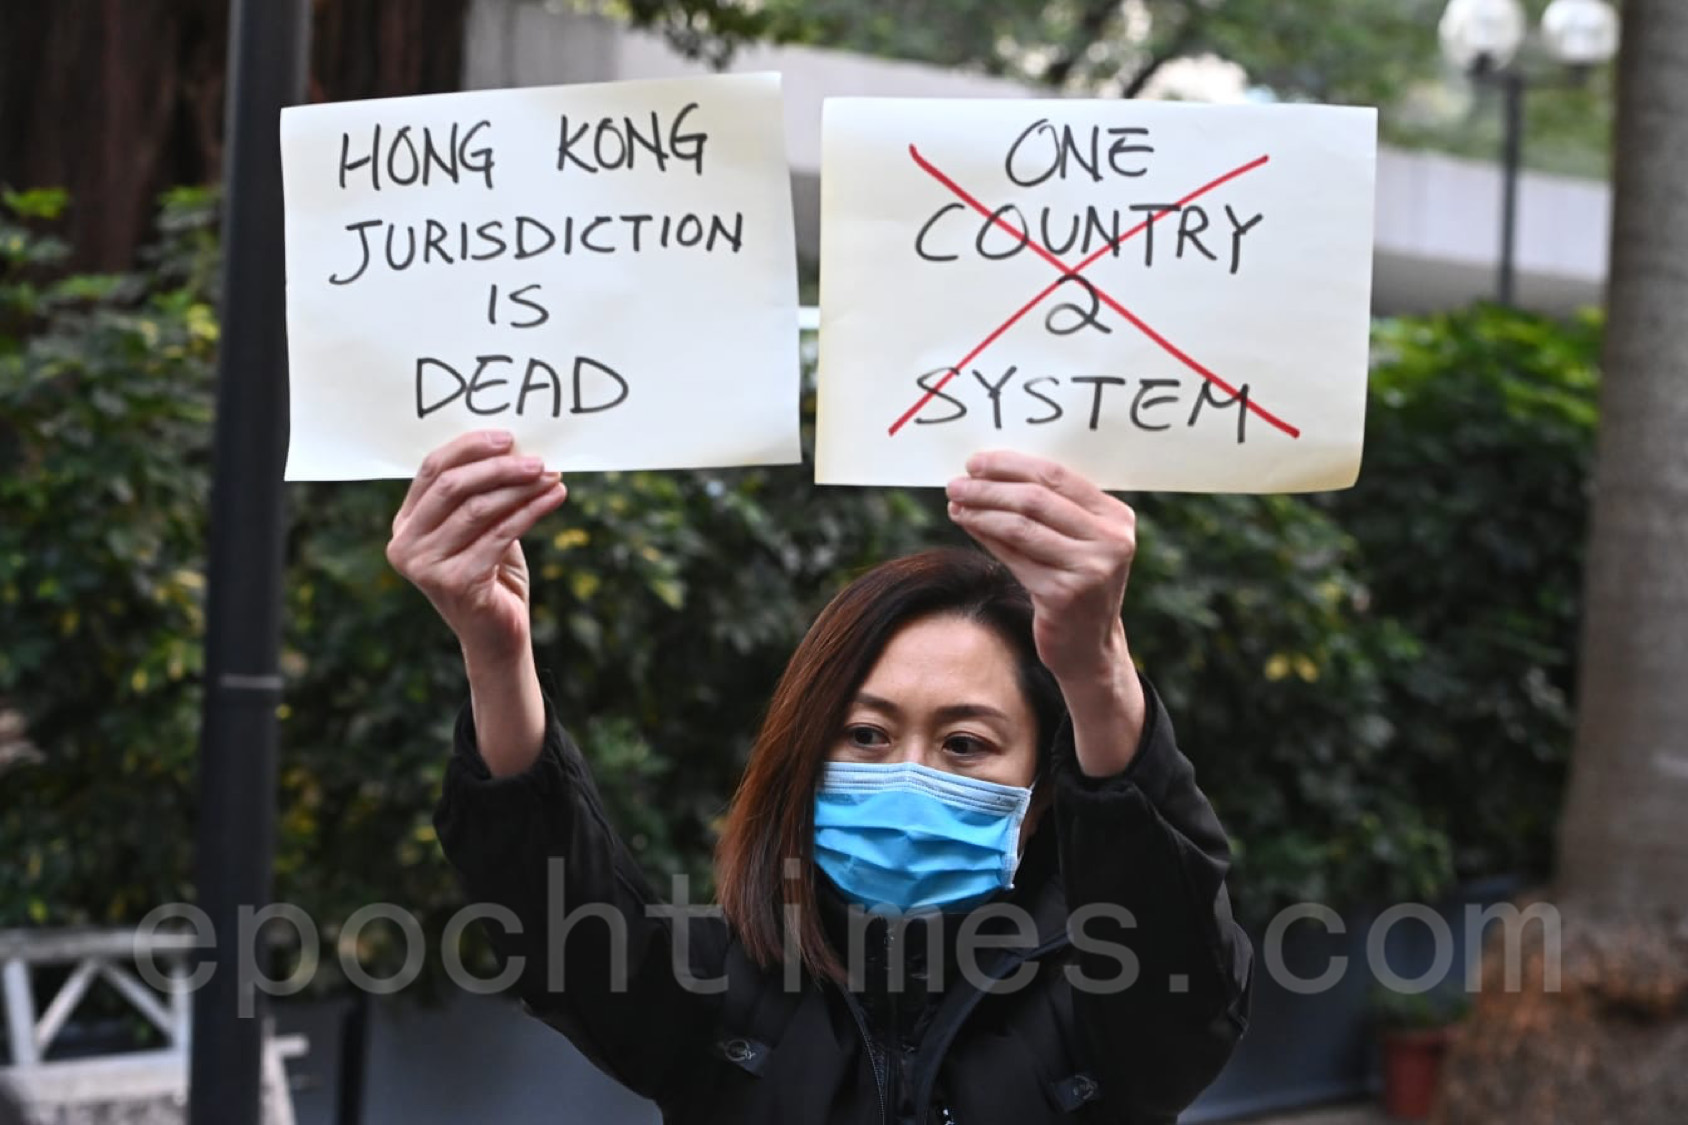 有市民高舉香港司法已死,「一國兩制」已亡的紙牌到場聲援。(宋碧龍/大紀元)